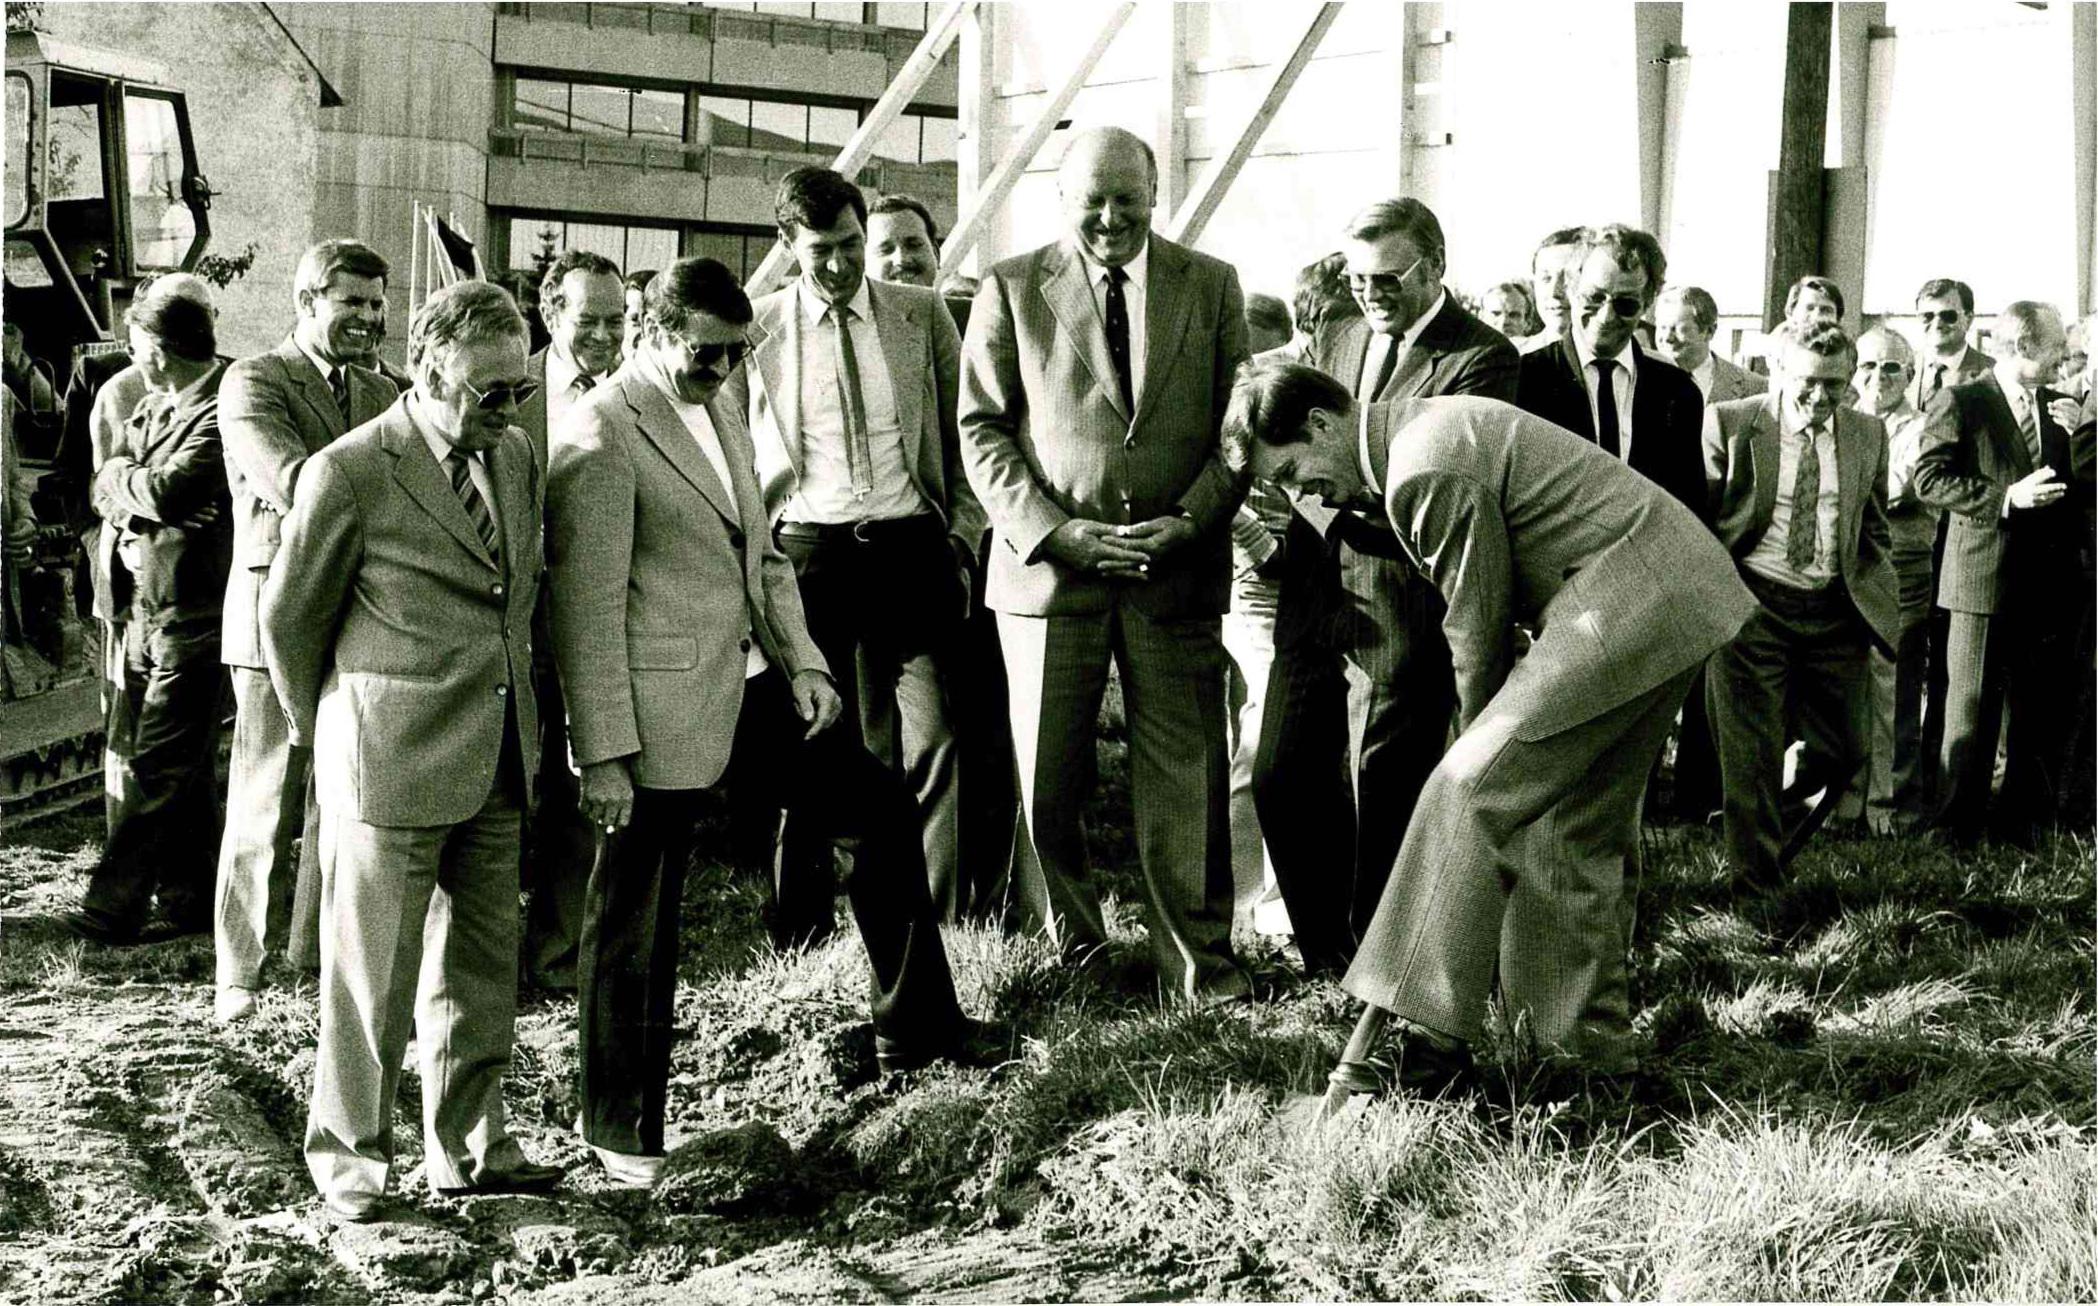 1. Spatenstich am 1. Oktober 1980 Bild: Fotostudio Baumann GmbH